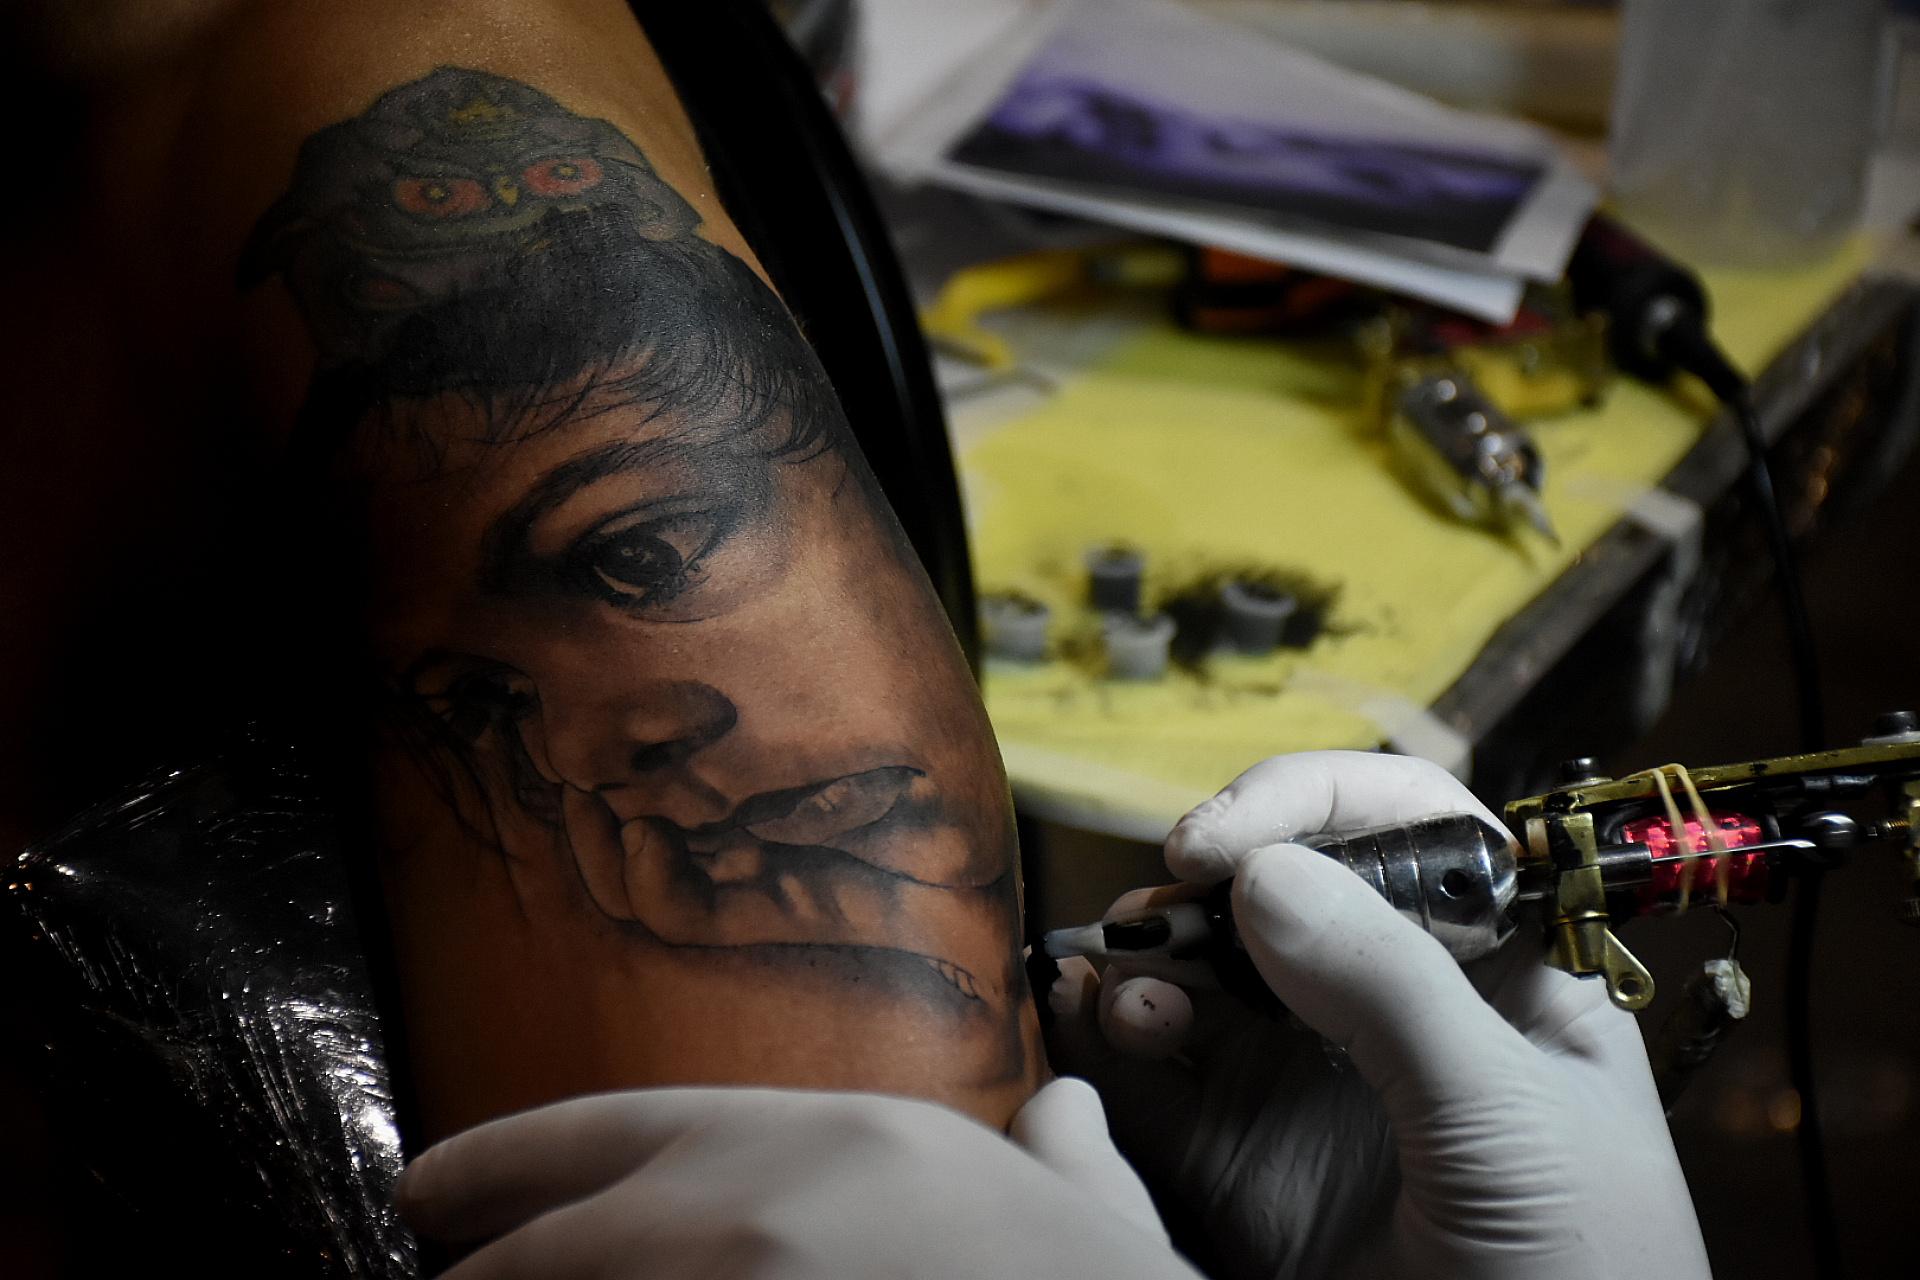 Una de las principales atracciones será el exclusivo concurso de tatuajes en el que se eligen al mejor artista de cada estilo y el mejor tatuaje de la convención